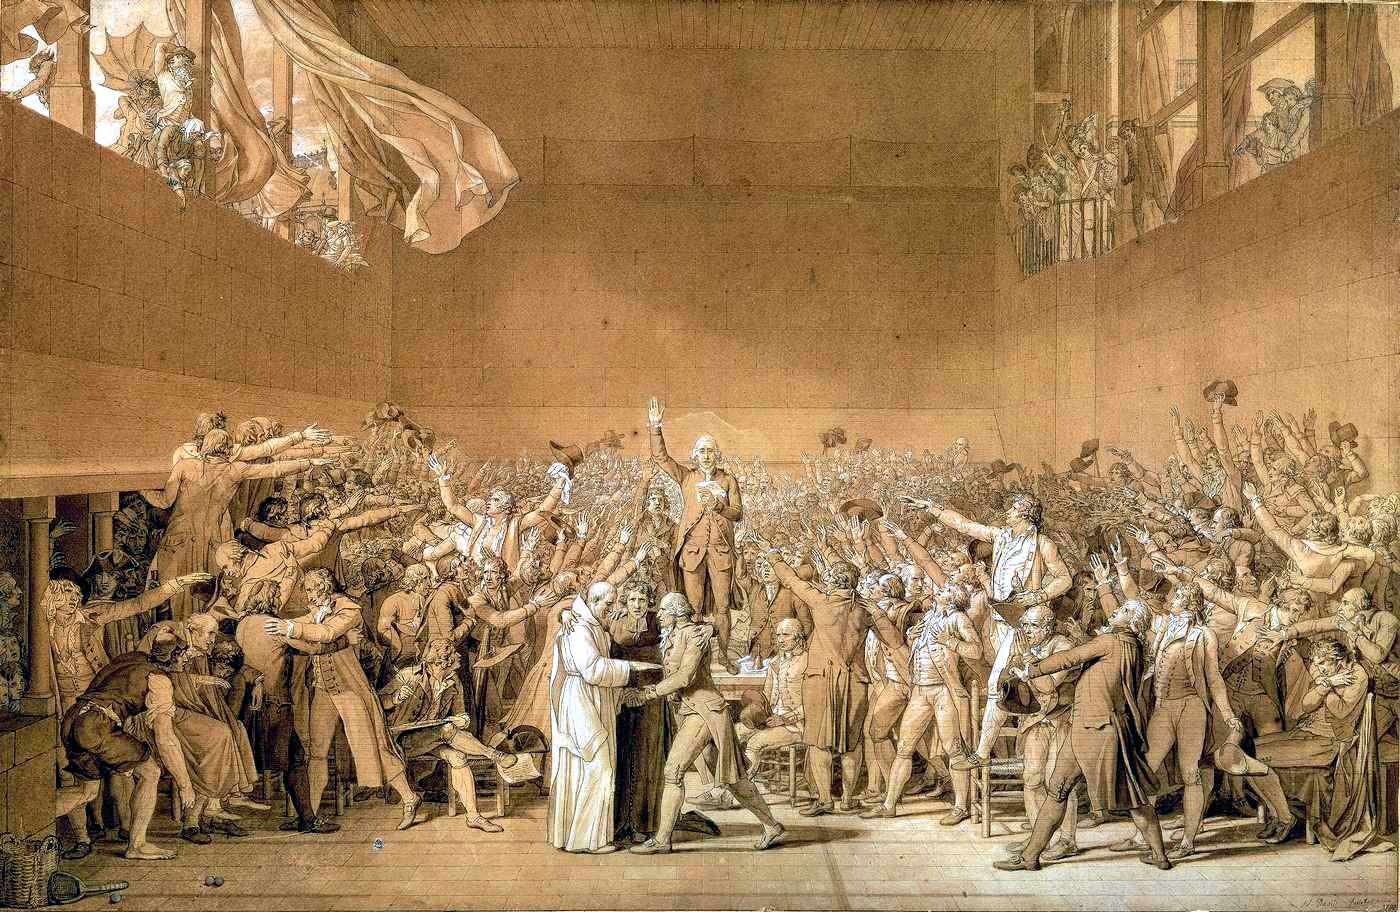 """Članovi Narodne skupštine polažu tzv. """"Tenisku zakletvu"""" 20. lipnja 1789. godine, obećavajući novi ustav koji će u Francuskoj ograničiti apsolutističku vlast (Izvor: Wikipedia.org)"""